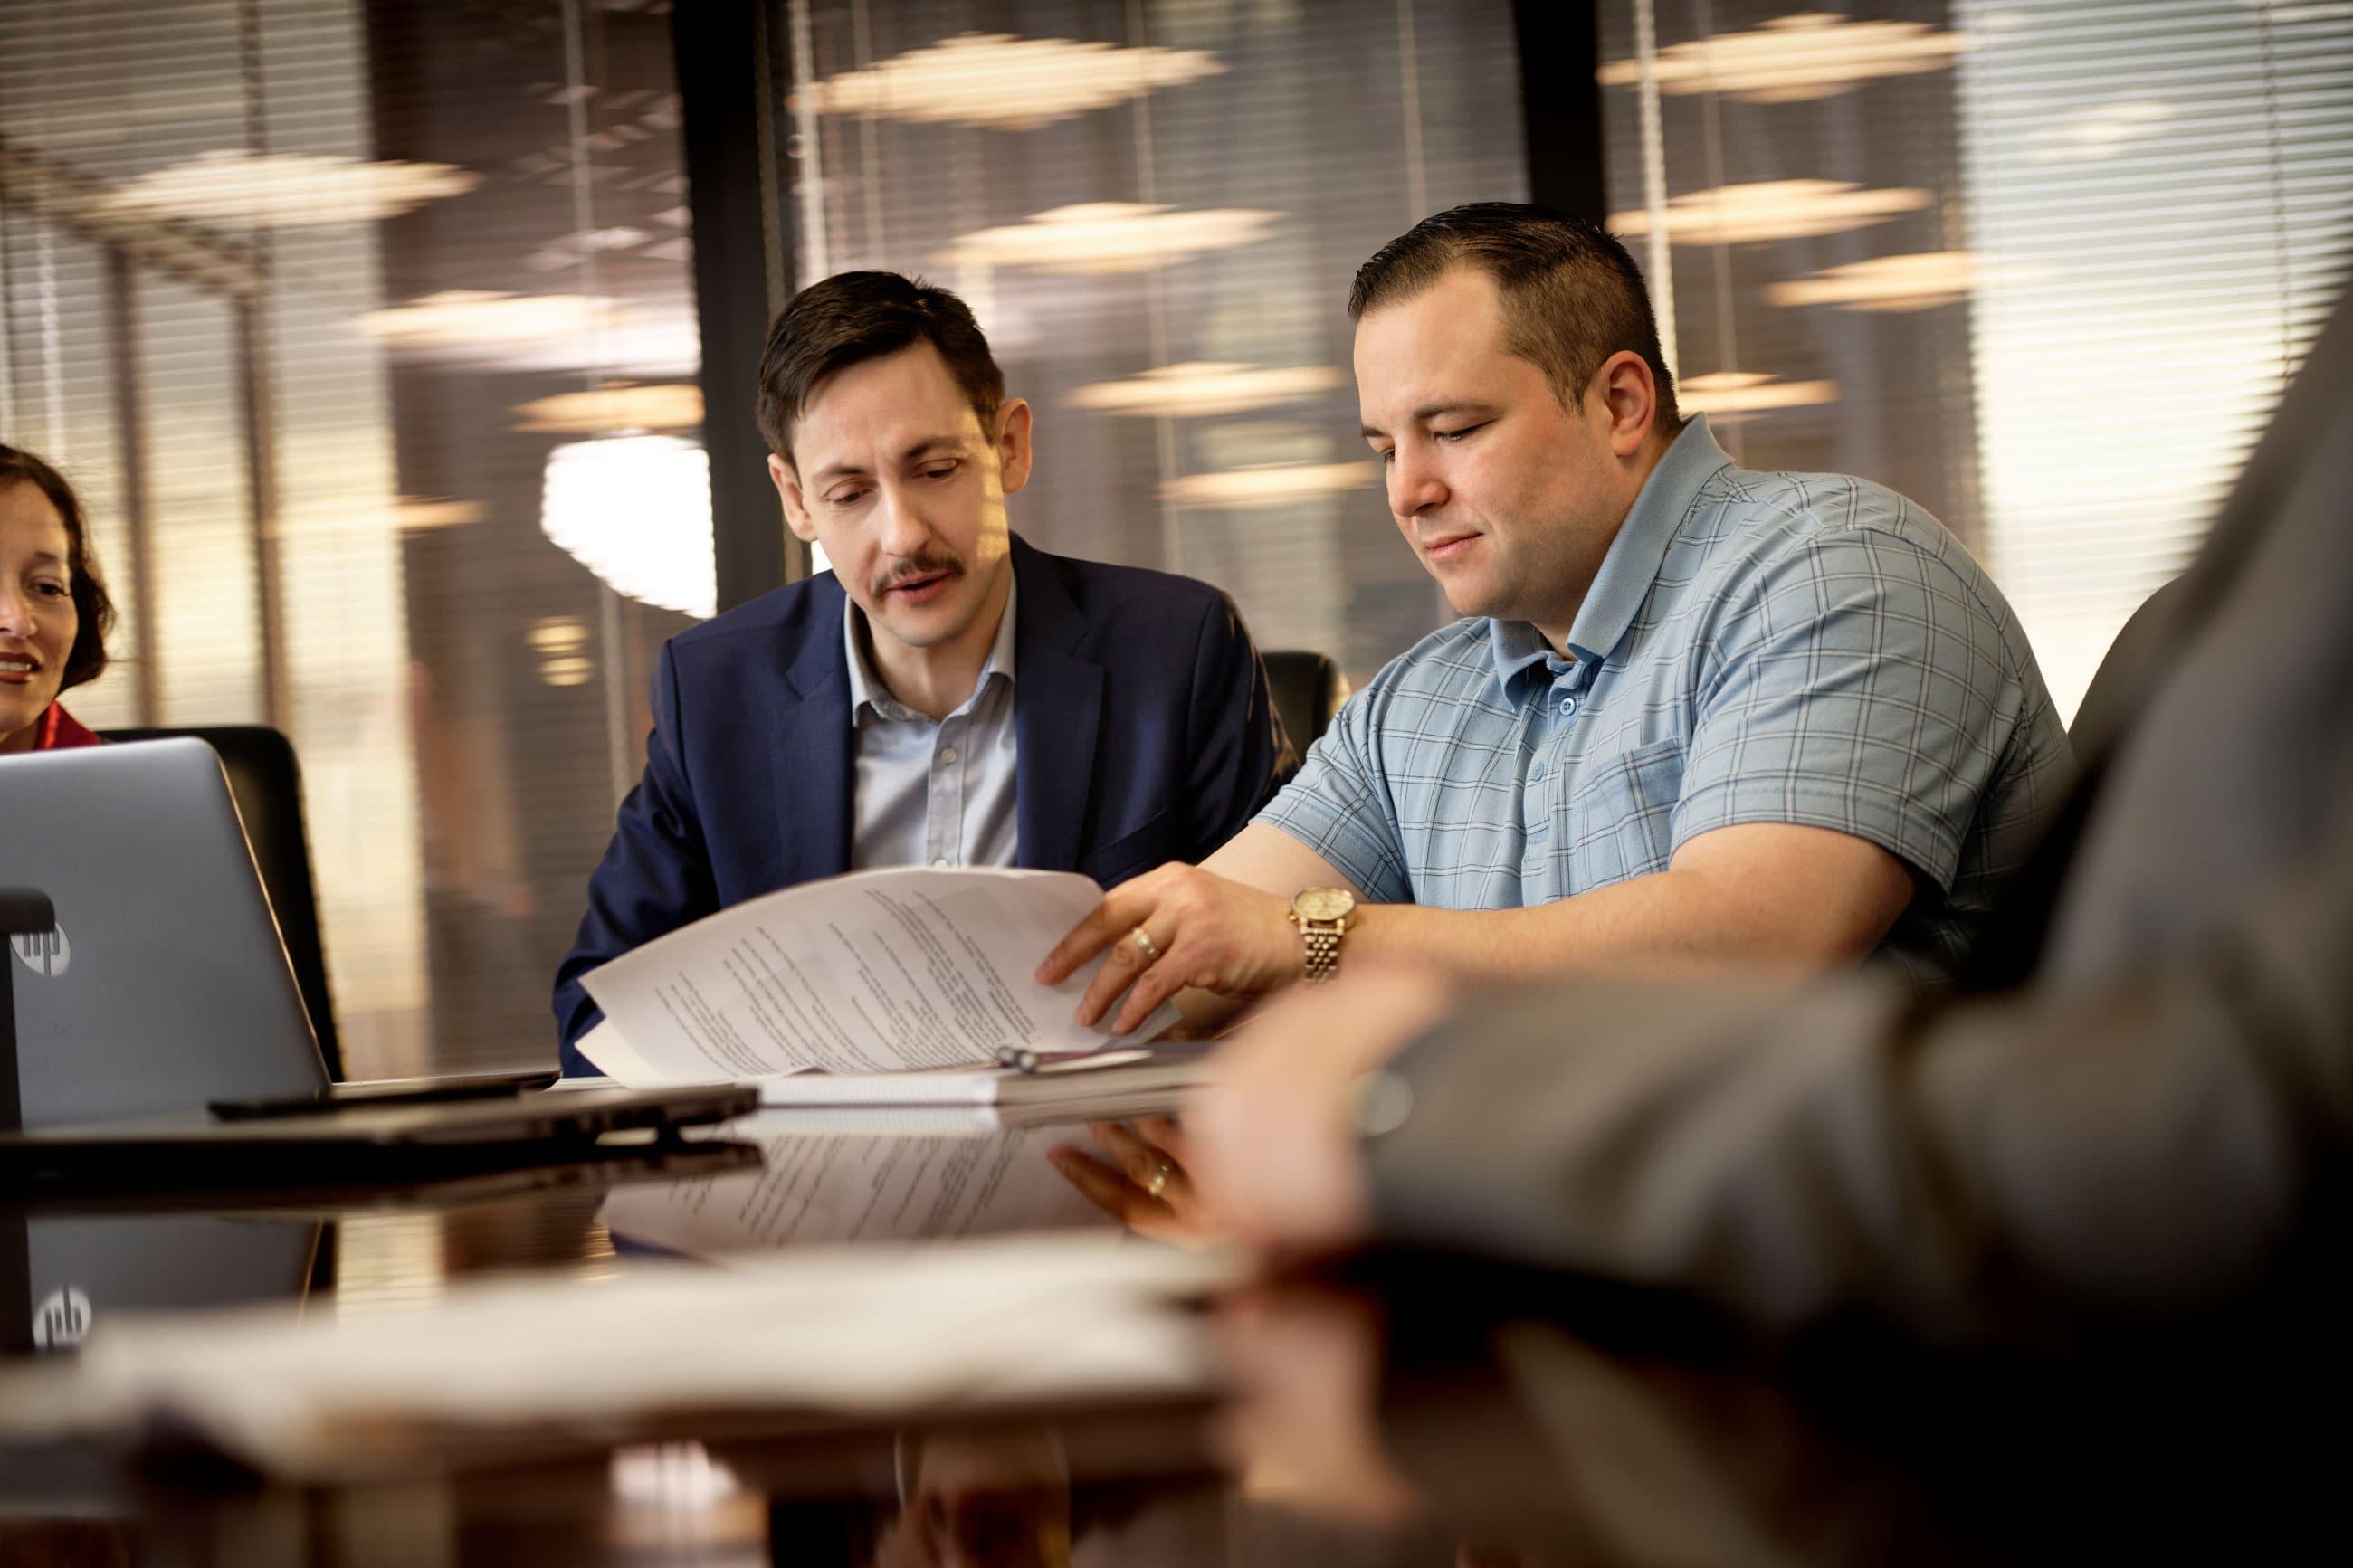 Deux employés assistent à une réunion